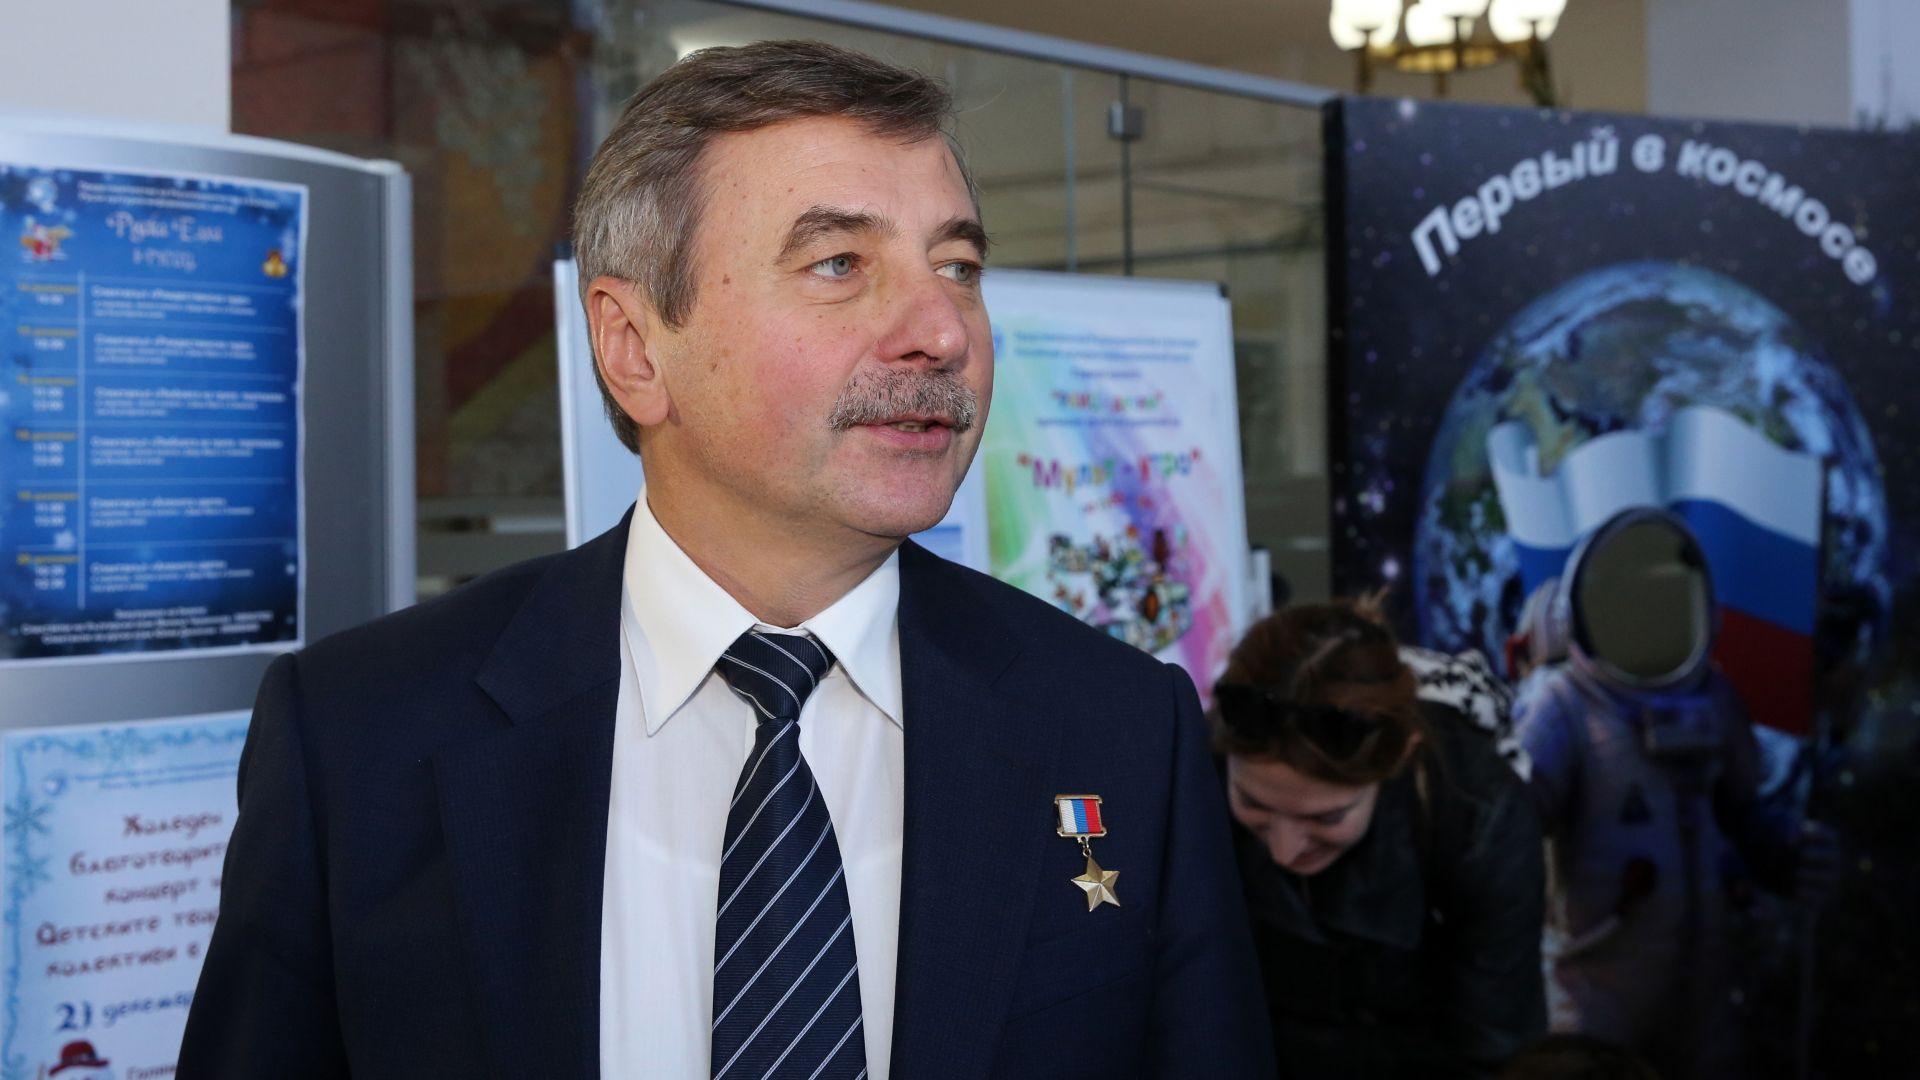 Космонавтът Александър Лазуткин: Преживях 40 аварии, но бих се върнал в космоса